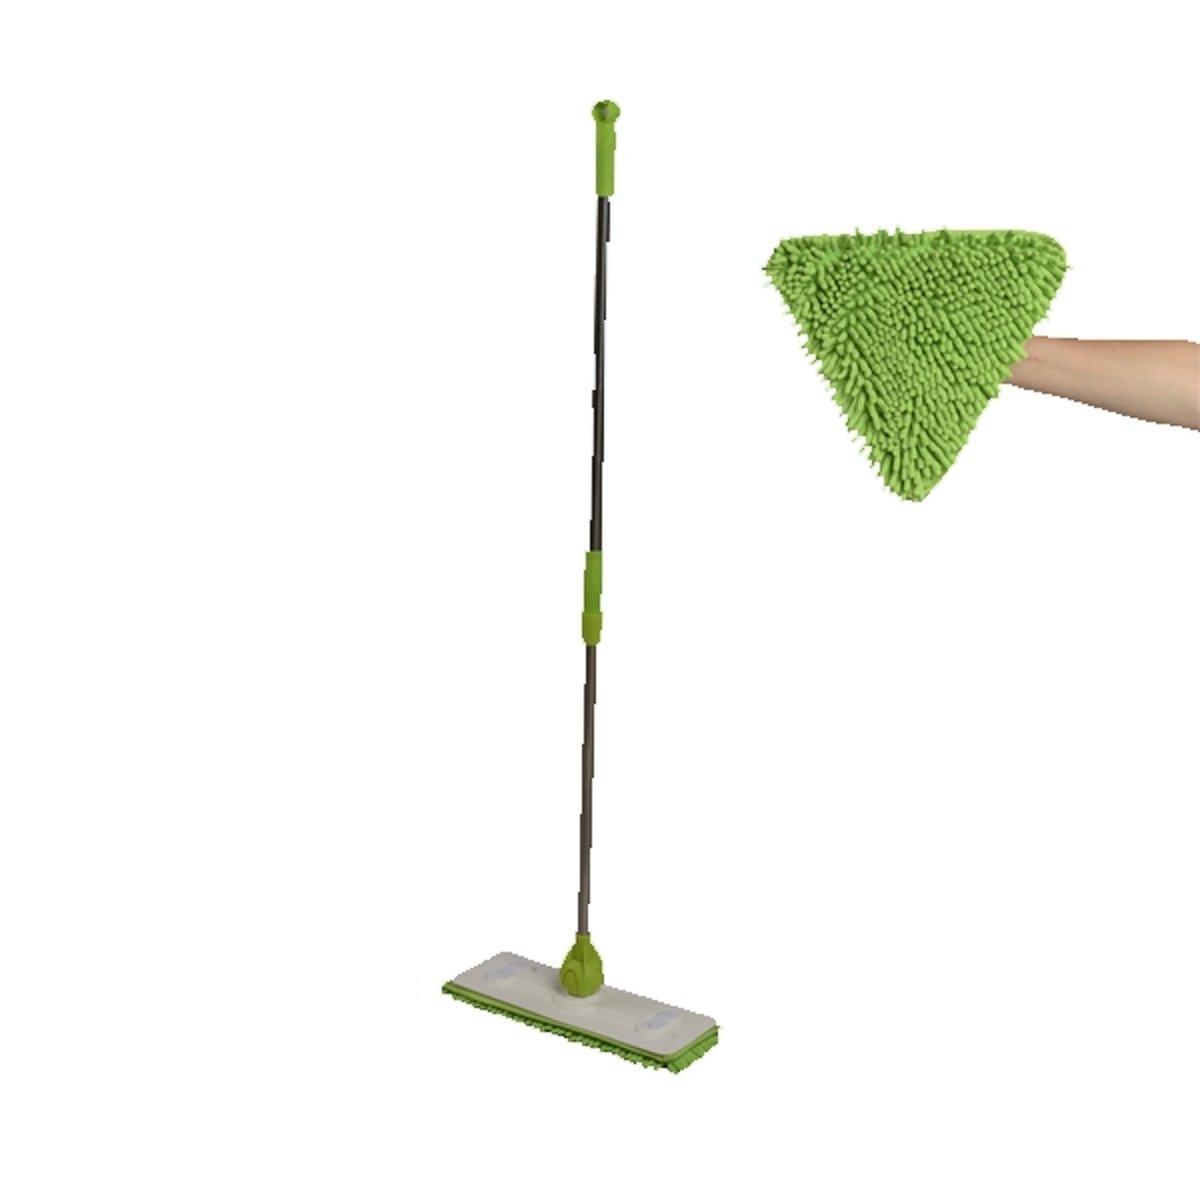 Ball Mop - Uiterst andige en complete mopwisser! - Bekend Van Tv met TvWinkel kopen